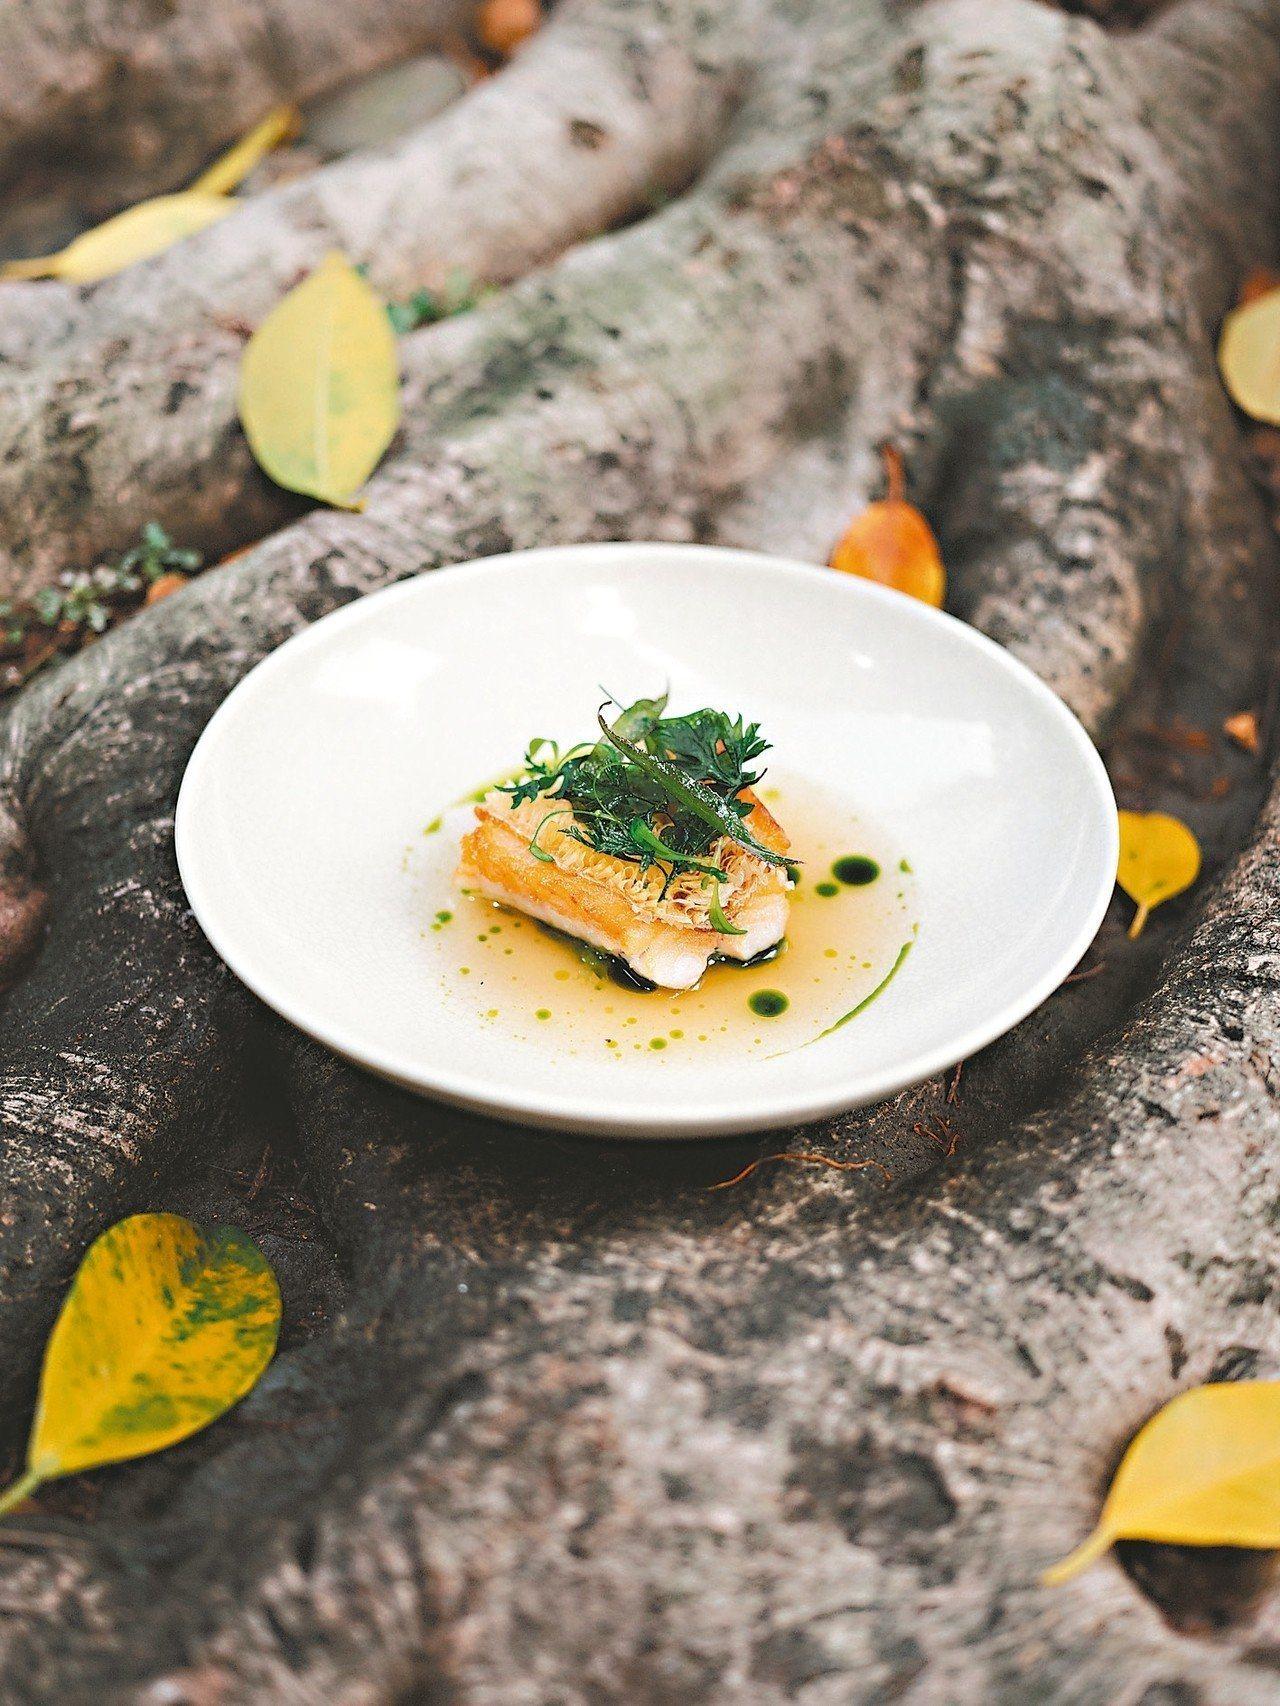 時尚歐式餐廳MUME善用台灣當地食材,變幻出令人驚豔的創意料理。圖/MUME提供